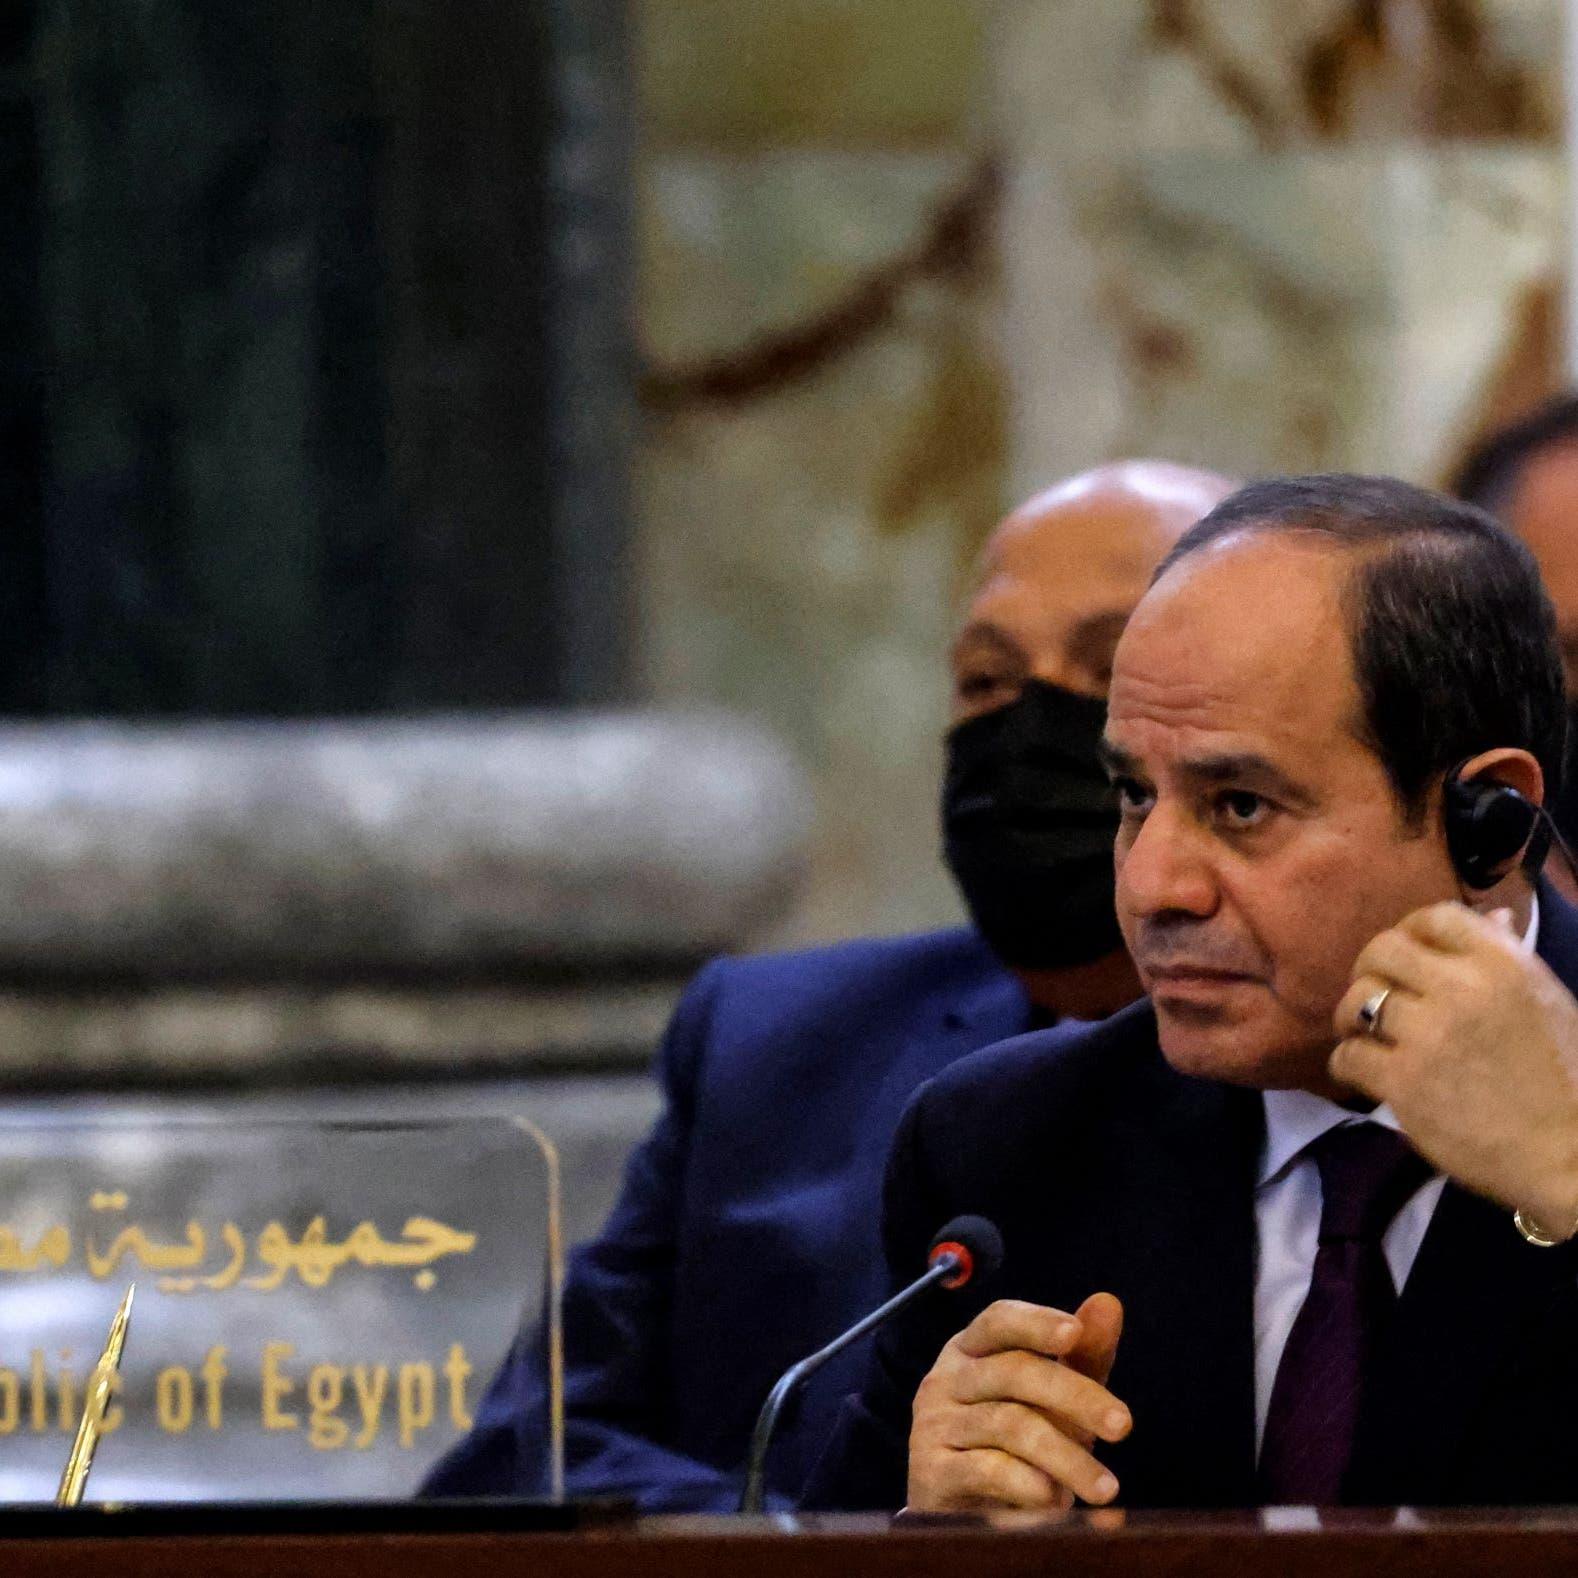 الرئيس المصري: نرفض التدخلات بشؤون العراق وندعو لاحترام سيادته